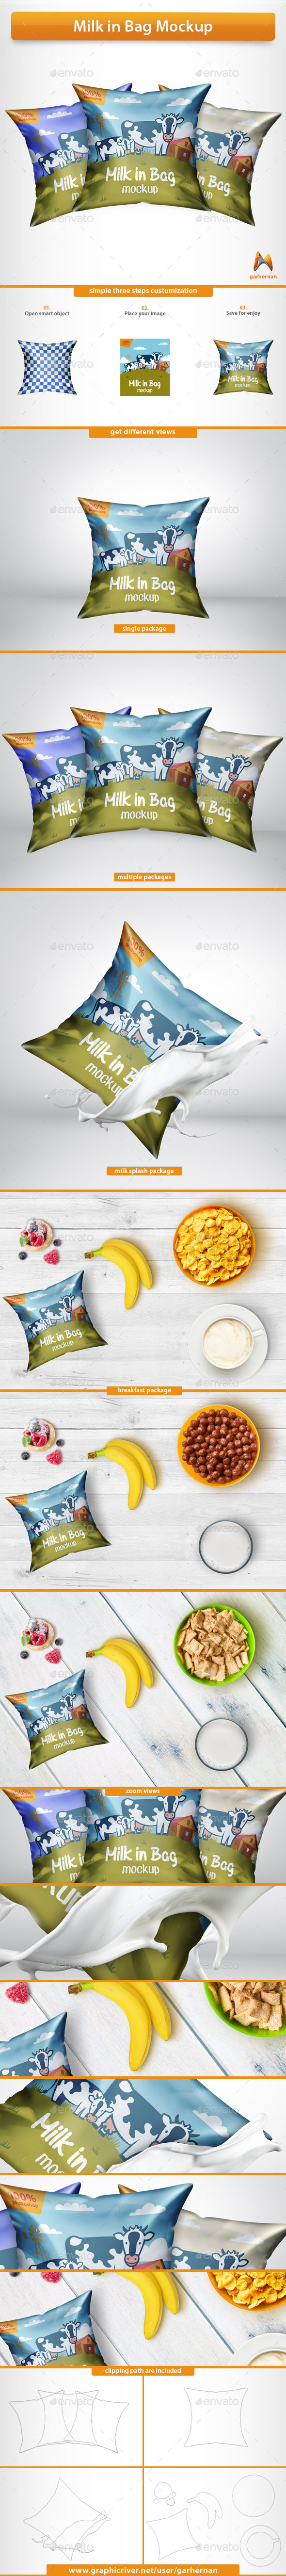 Milk Bag Mockup - Food and Drink Packaging